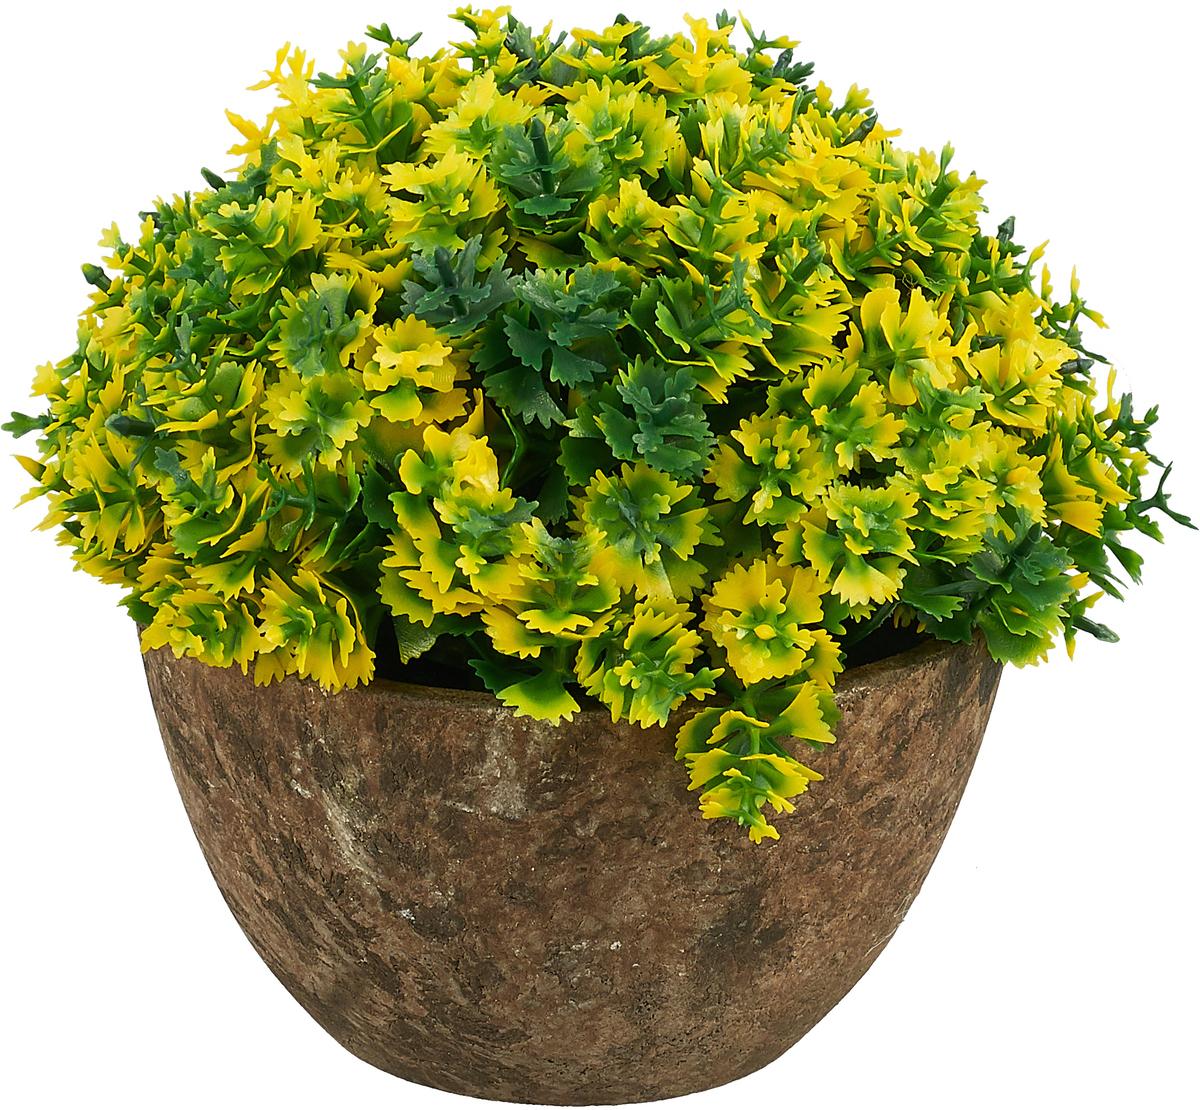 Композиция цветочная Engard Азалия, в кашпо, цвет: зеленый, 15 х 13,5 смB18зелИскусственные цветы Engard - это популярное дизайнерское решение для создания природного колорита и гармонии в пространстве. Декоративная азалия высотой 15 см выглядит аккуратно и довольно реалистично. Керамический горшок цвета эспрессо прекрасно впишется в любой интерьер.